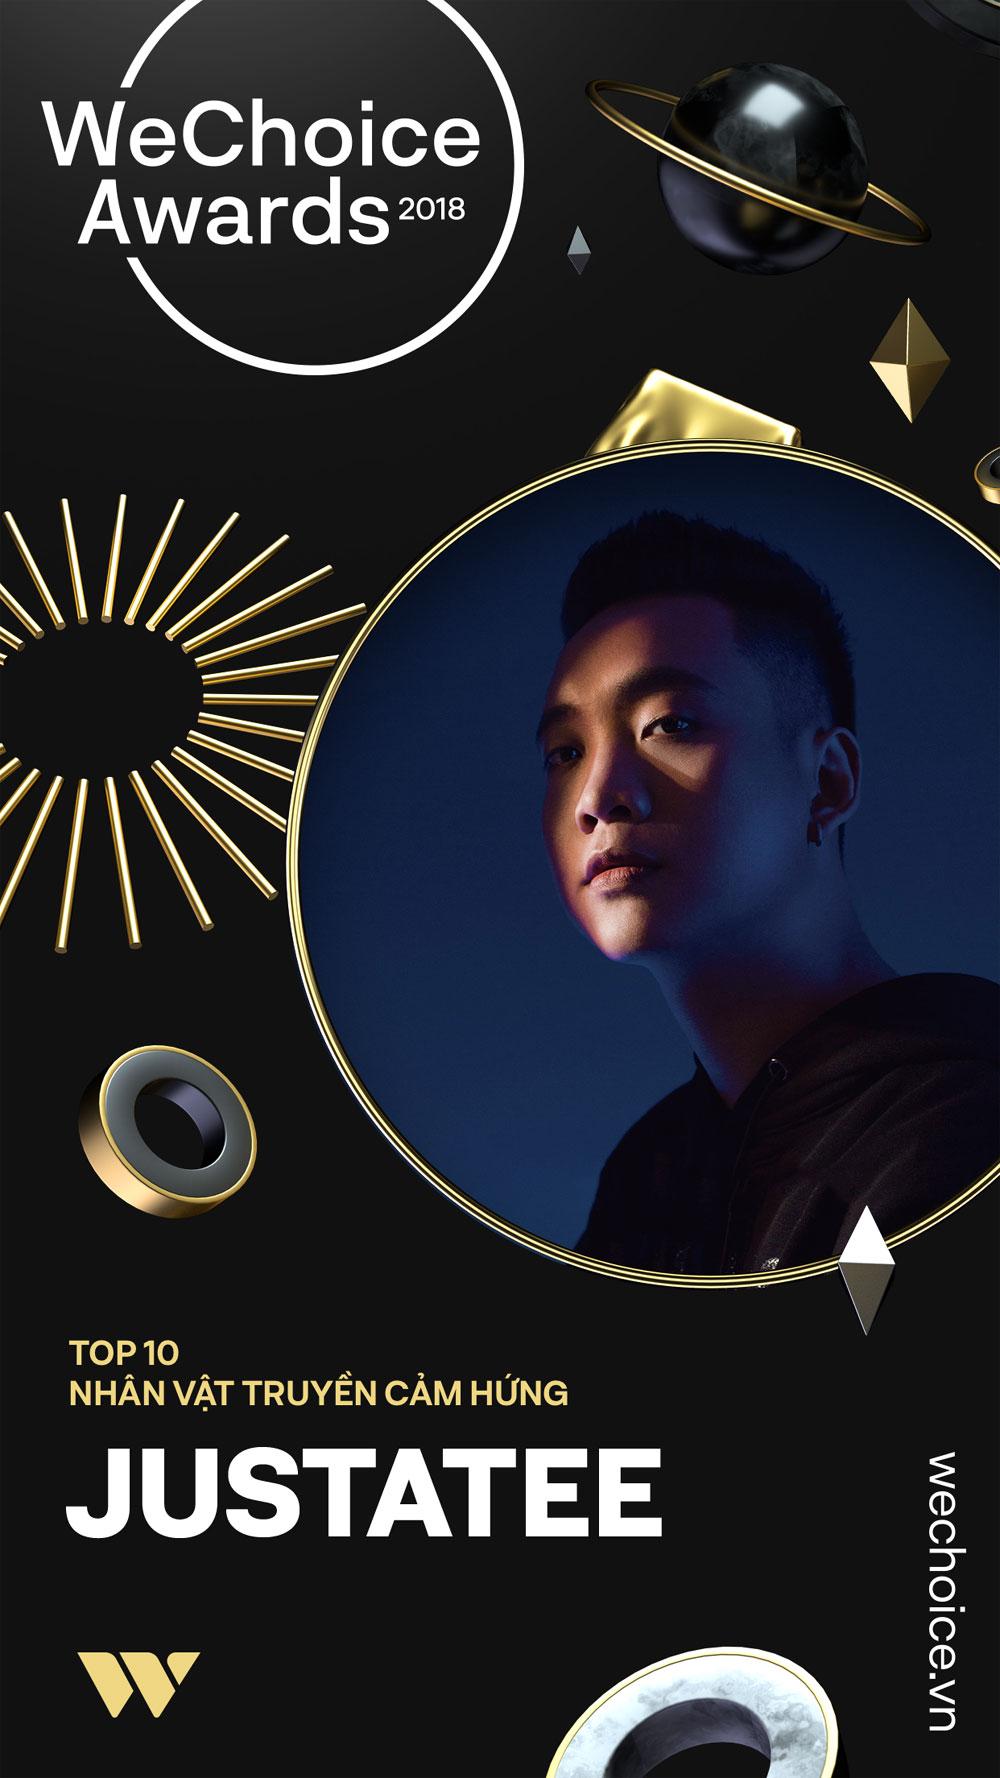 Công bố, top 10 nhân vật, truyền cảm hứng, WeChoice Awards 2018